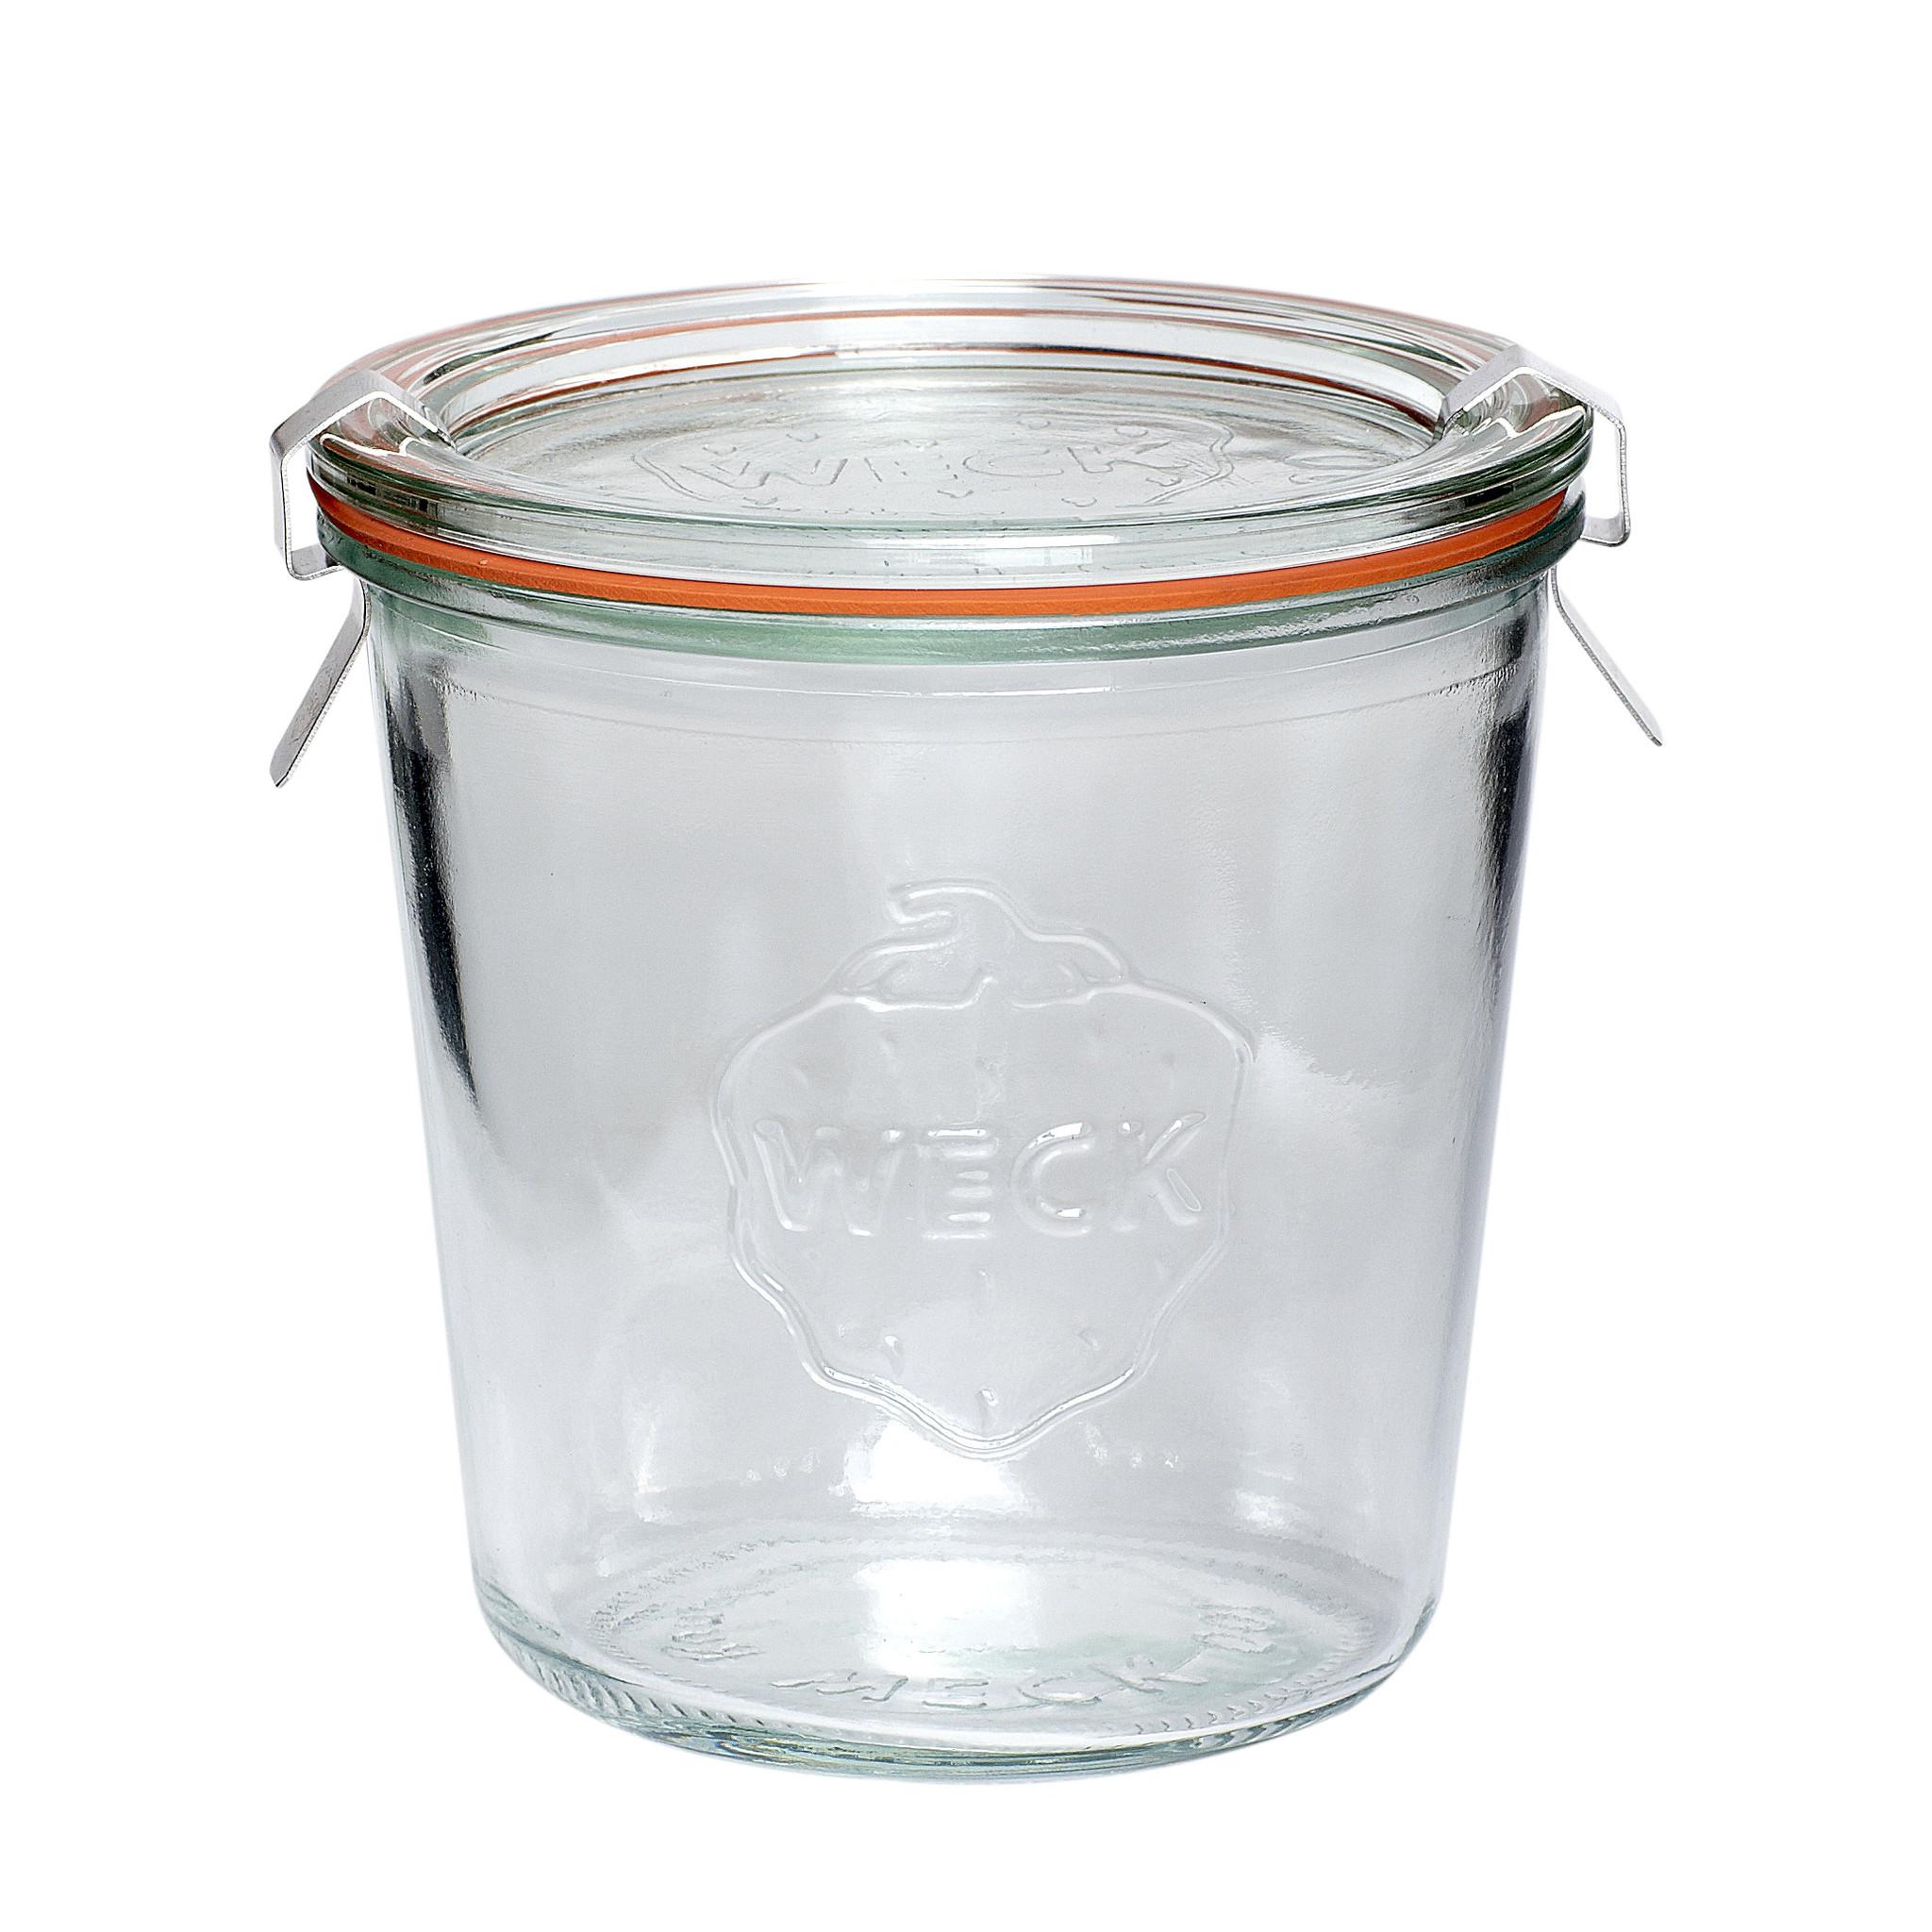 """Hubsch Voorraadpot met deksel, """"Weck"""", glas, 580 ml"""